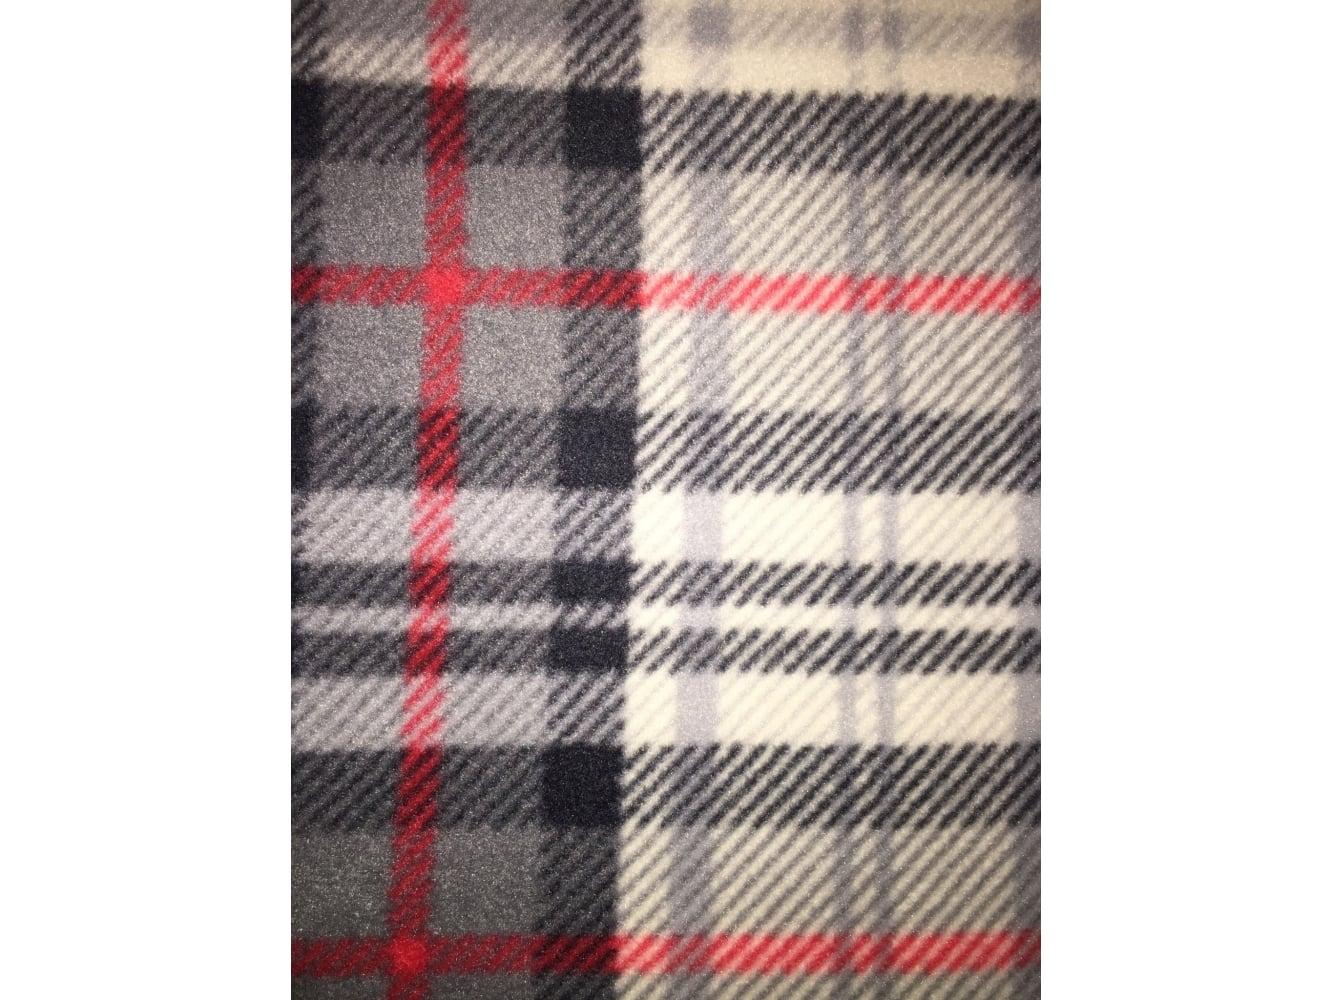 Polar Fleece Anti Pill Washable Soft Fabric- Scottish Grey